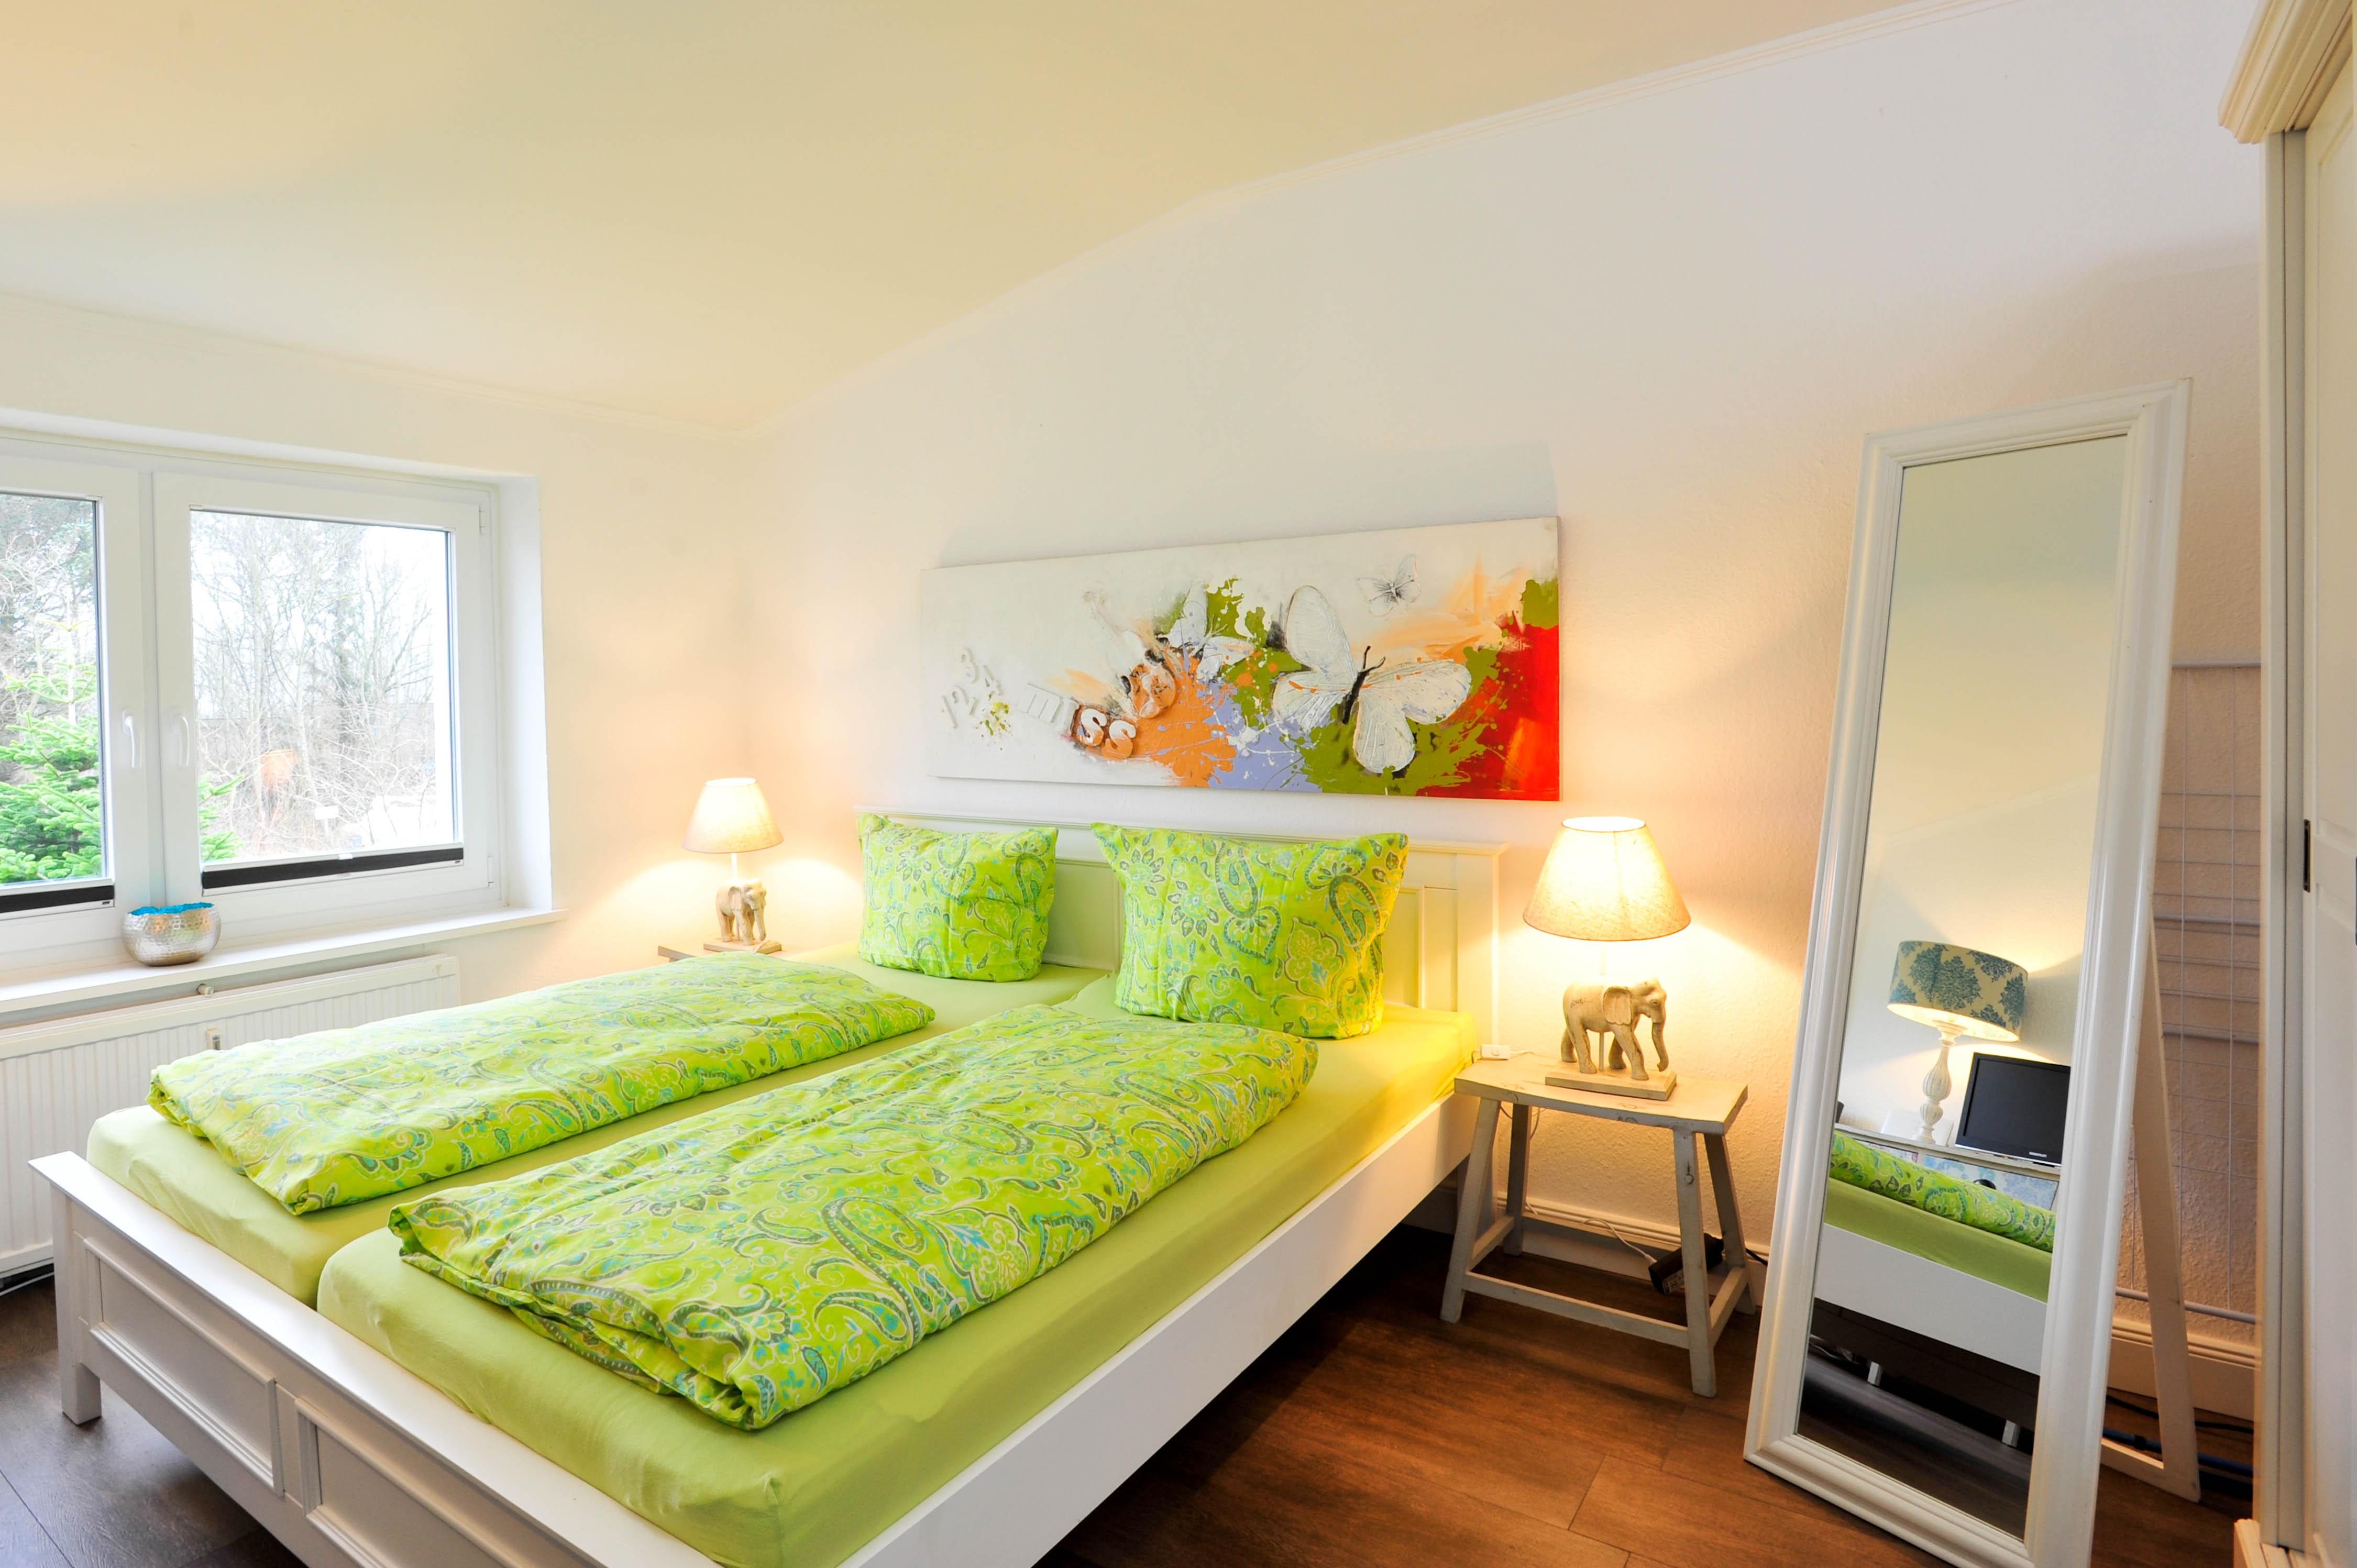 ferienwohnung victoria westerland sylt 2 personen. Black Bedroom Furniture Sets. Home Design Ideas